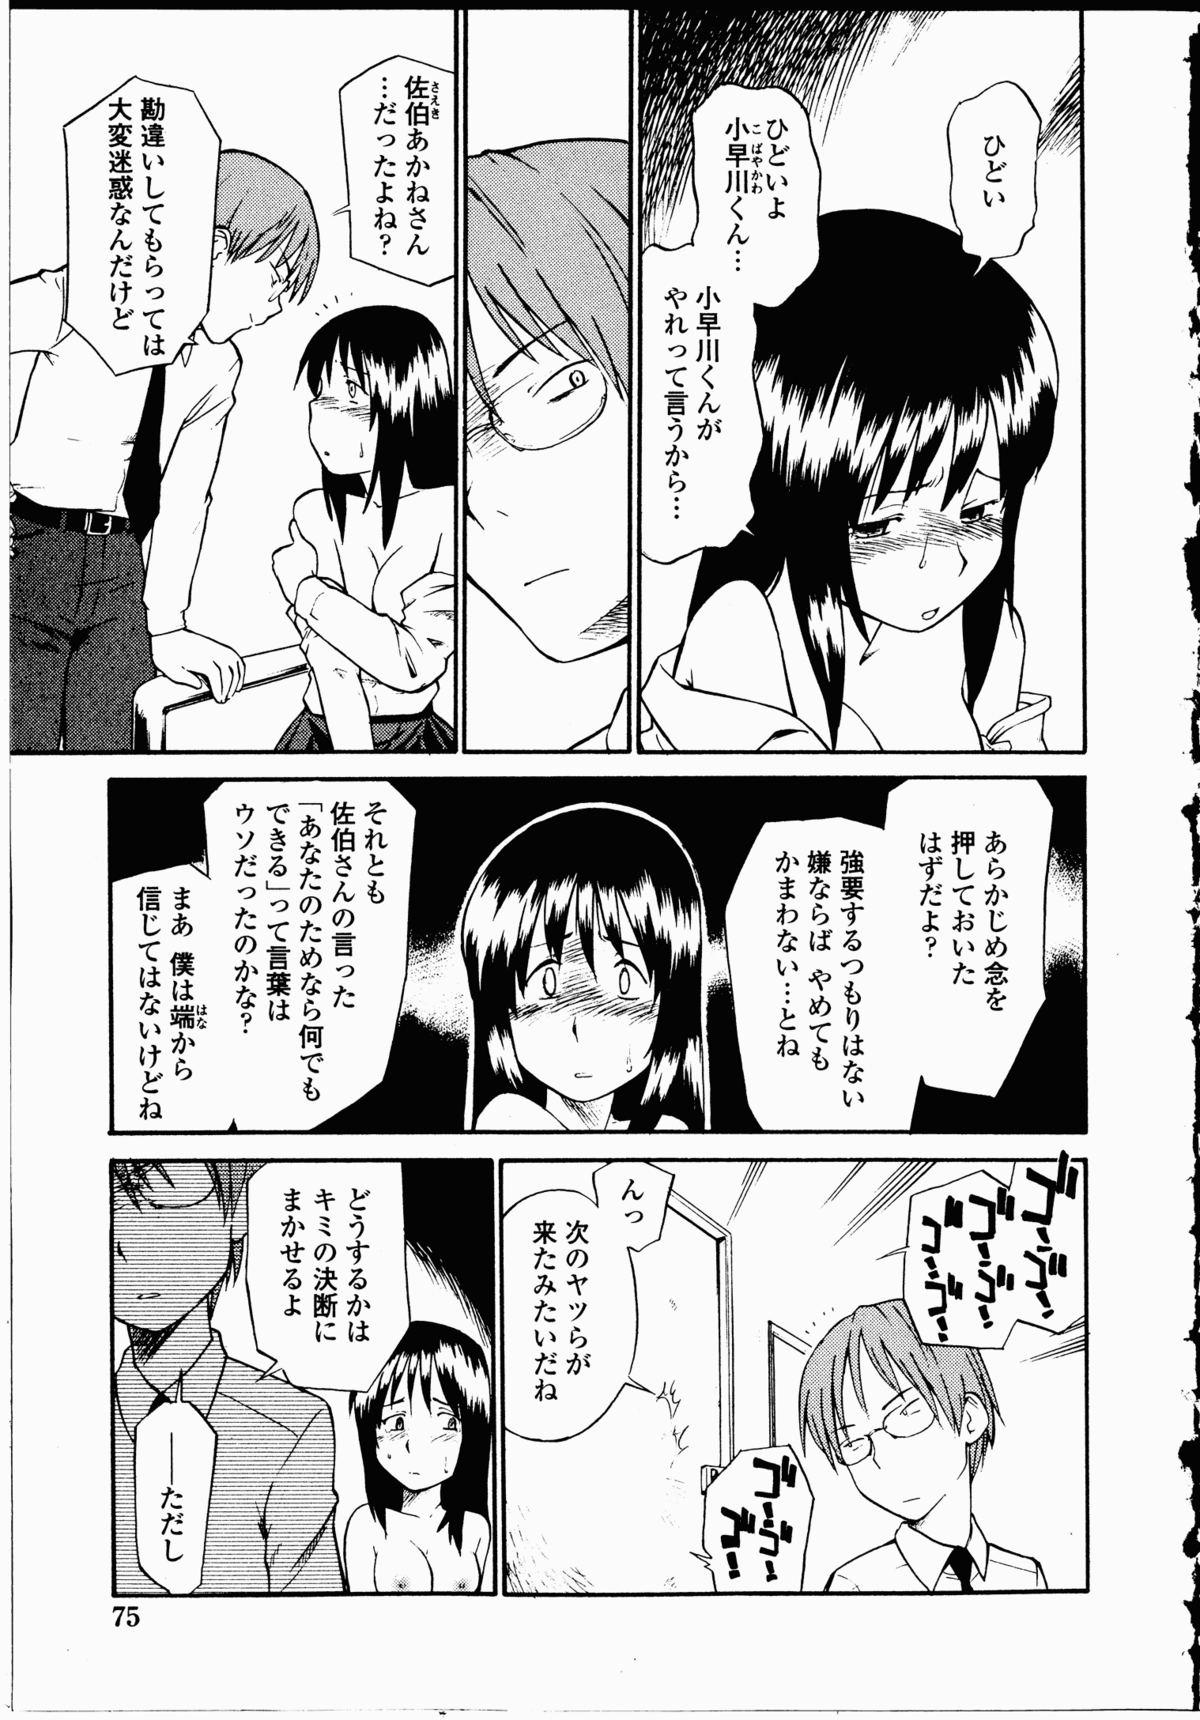 Youen Hyaku Monogatari 73